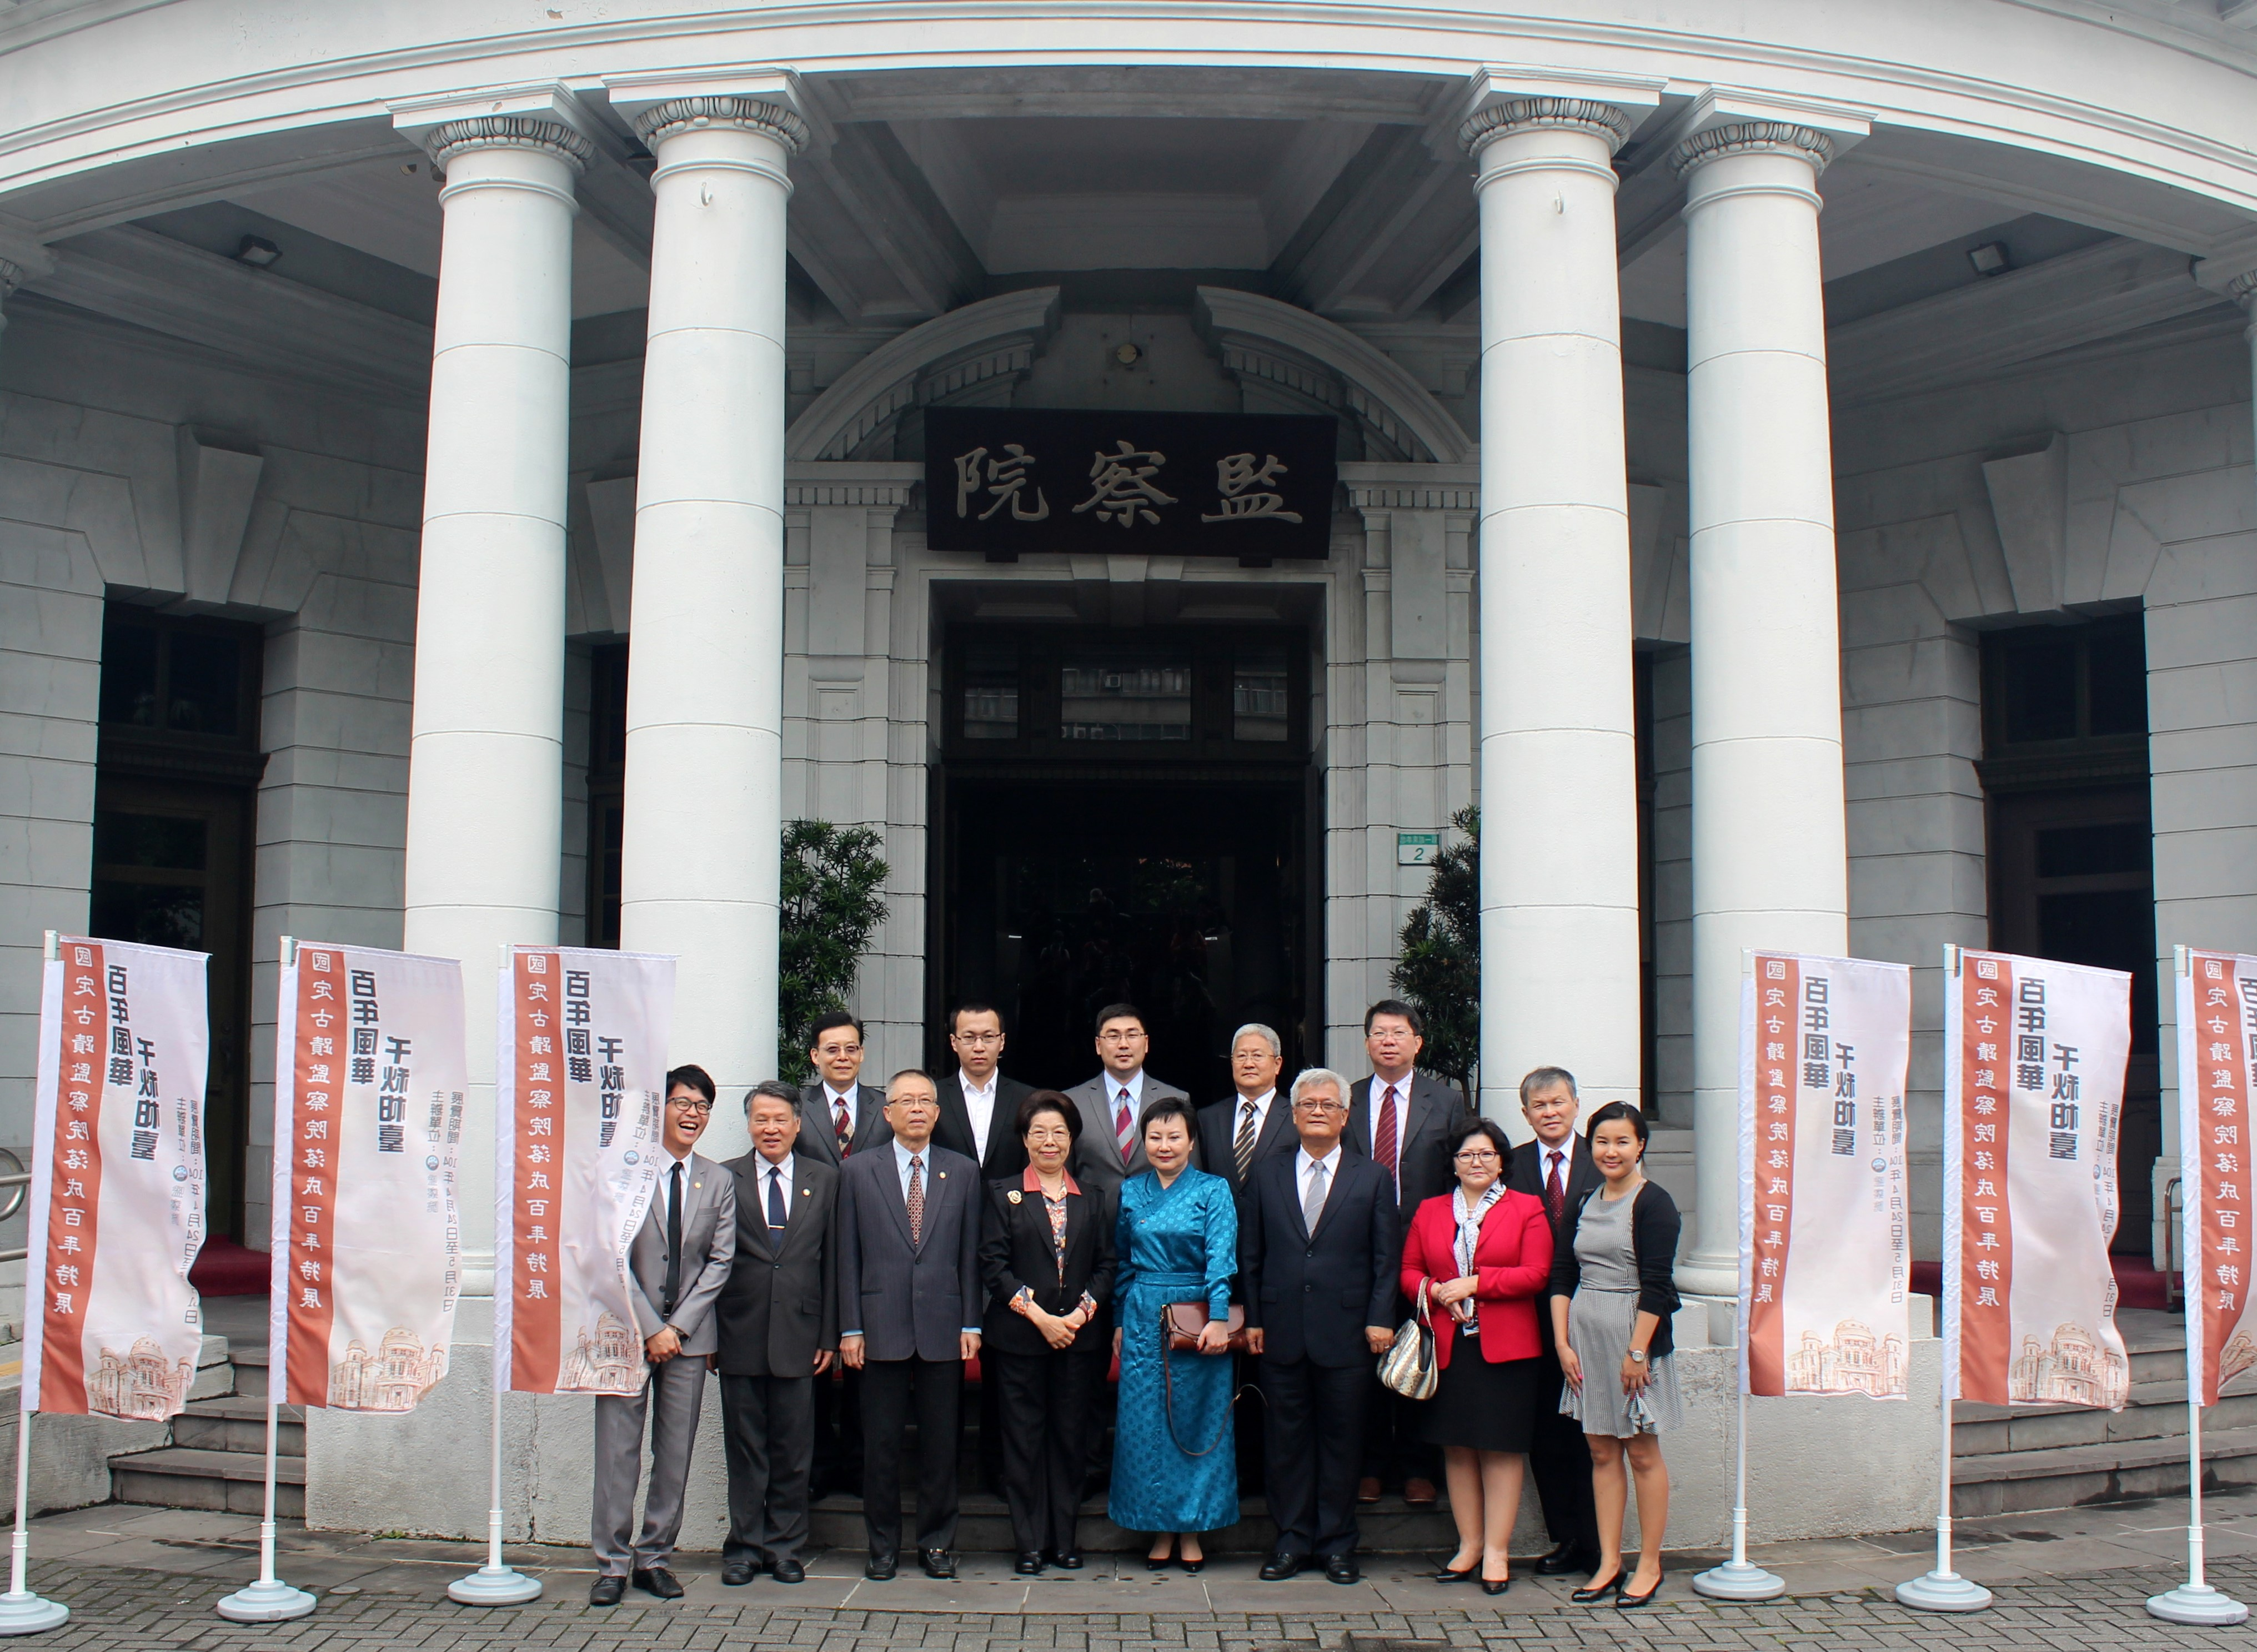 104年5月12日蒙古國家人權委員會委員Oyunchimeg Purev女士率團與本院簽訂人權合作瞭解備忘錄